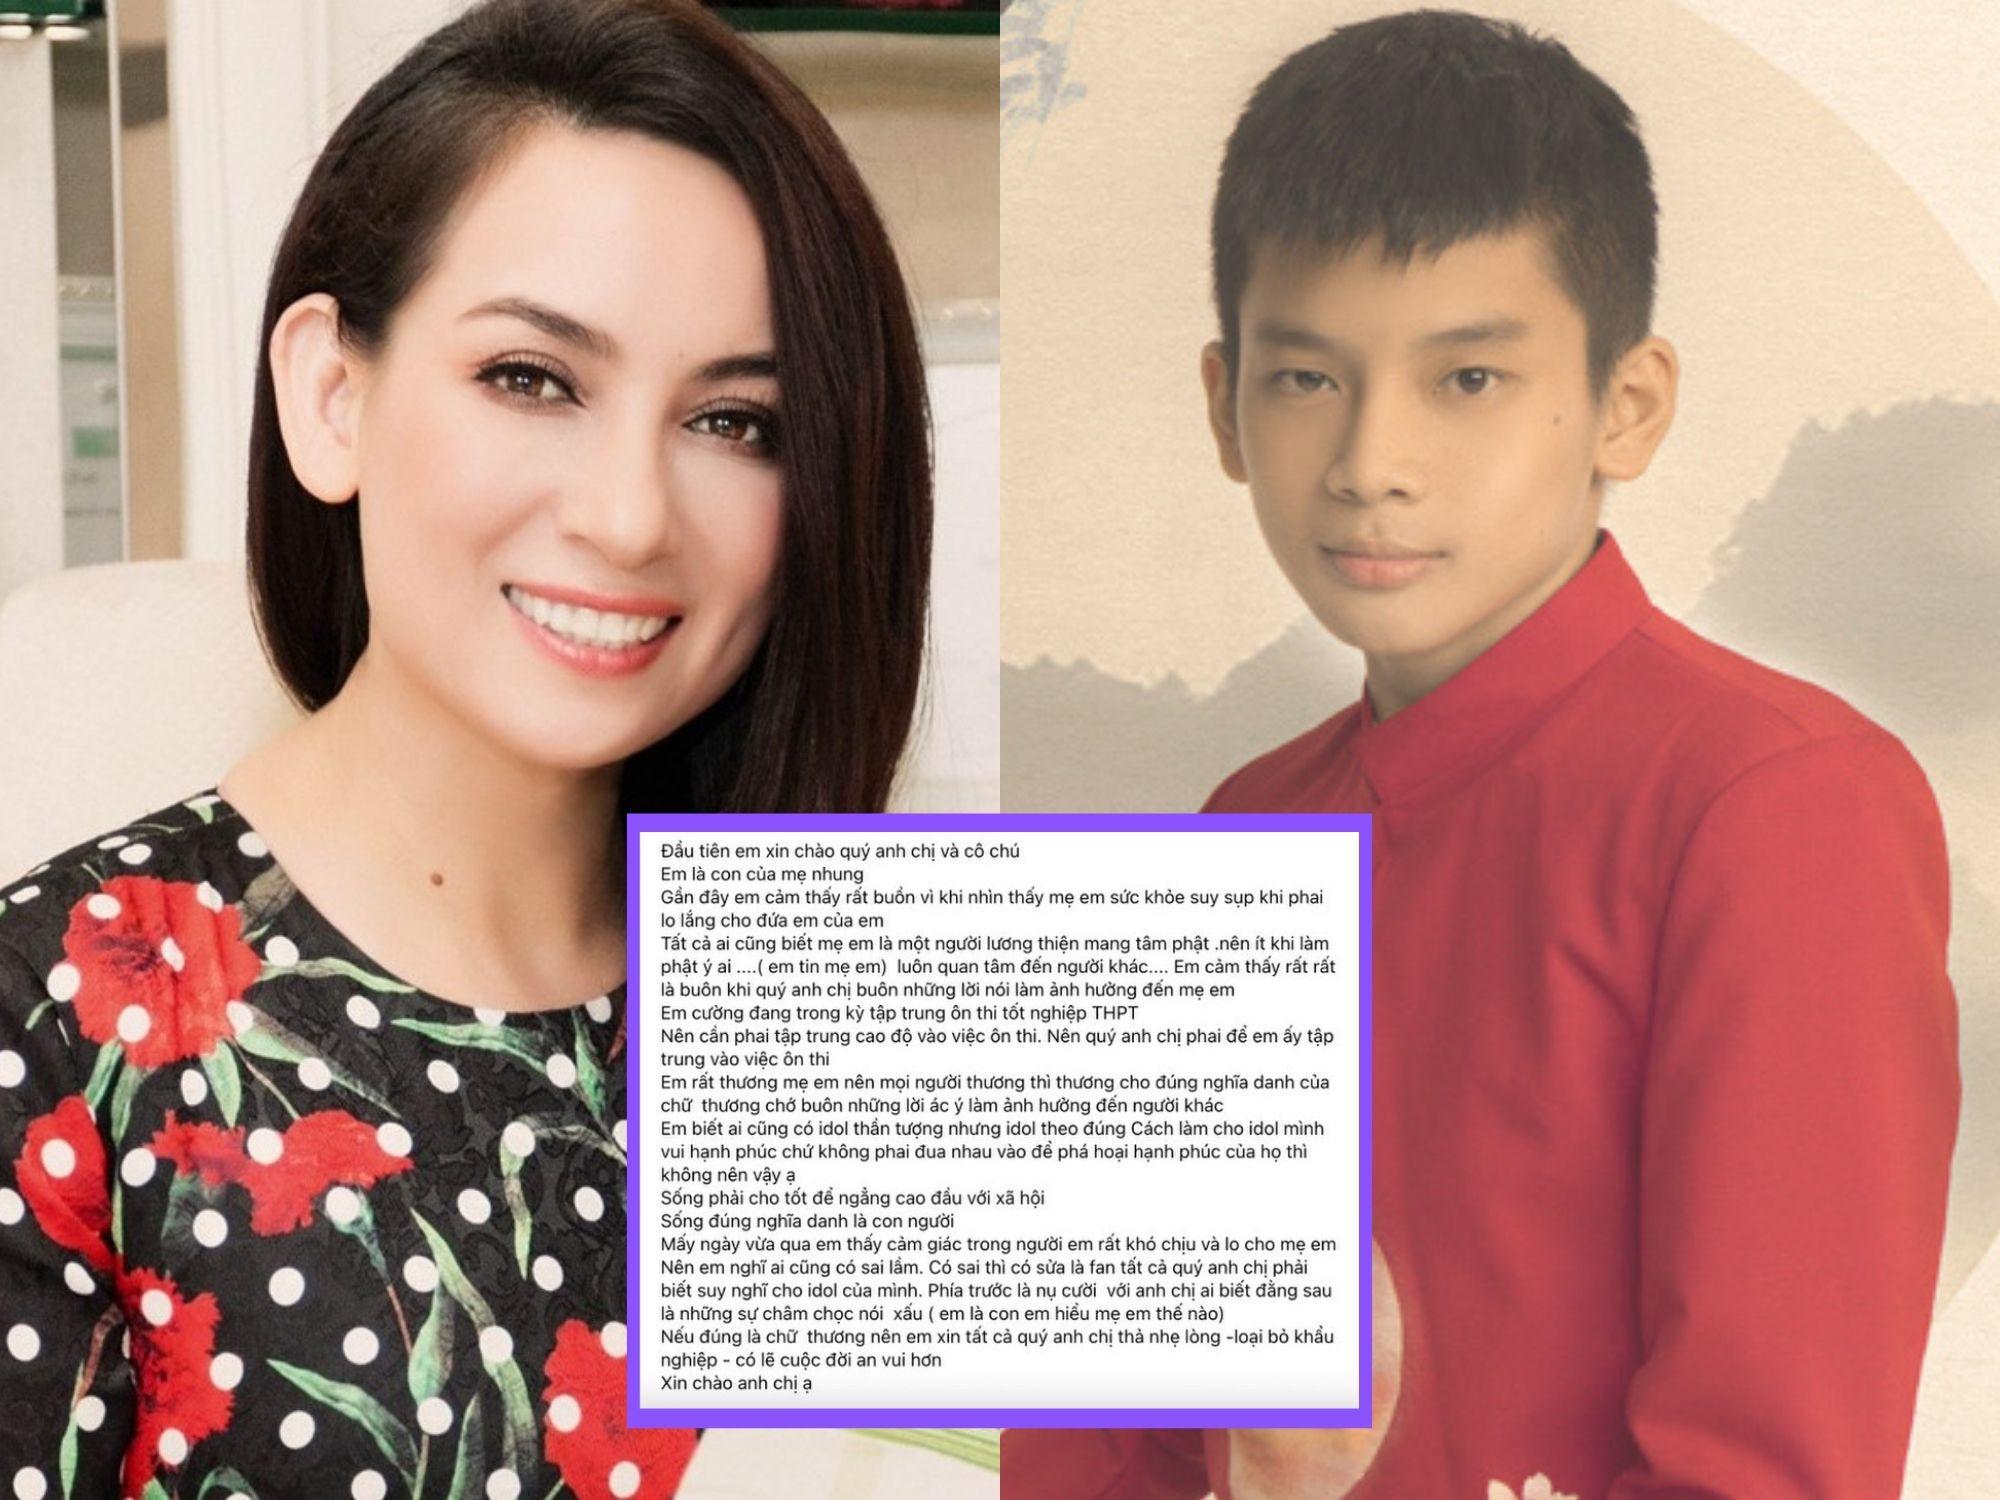 Một con trai nuôi của Phi Nhung lên tiếng bảo vệ mẹ, tiết lộ nữ ca sĩ bị suy sụp nghiêm trọng